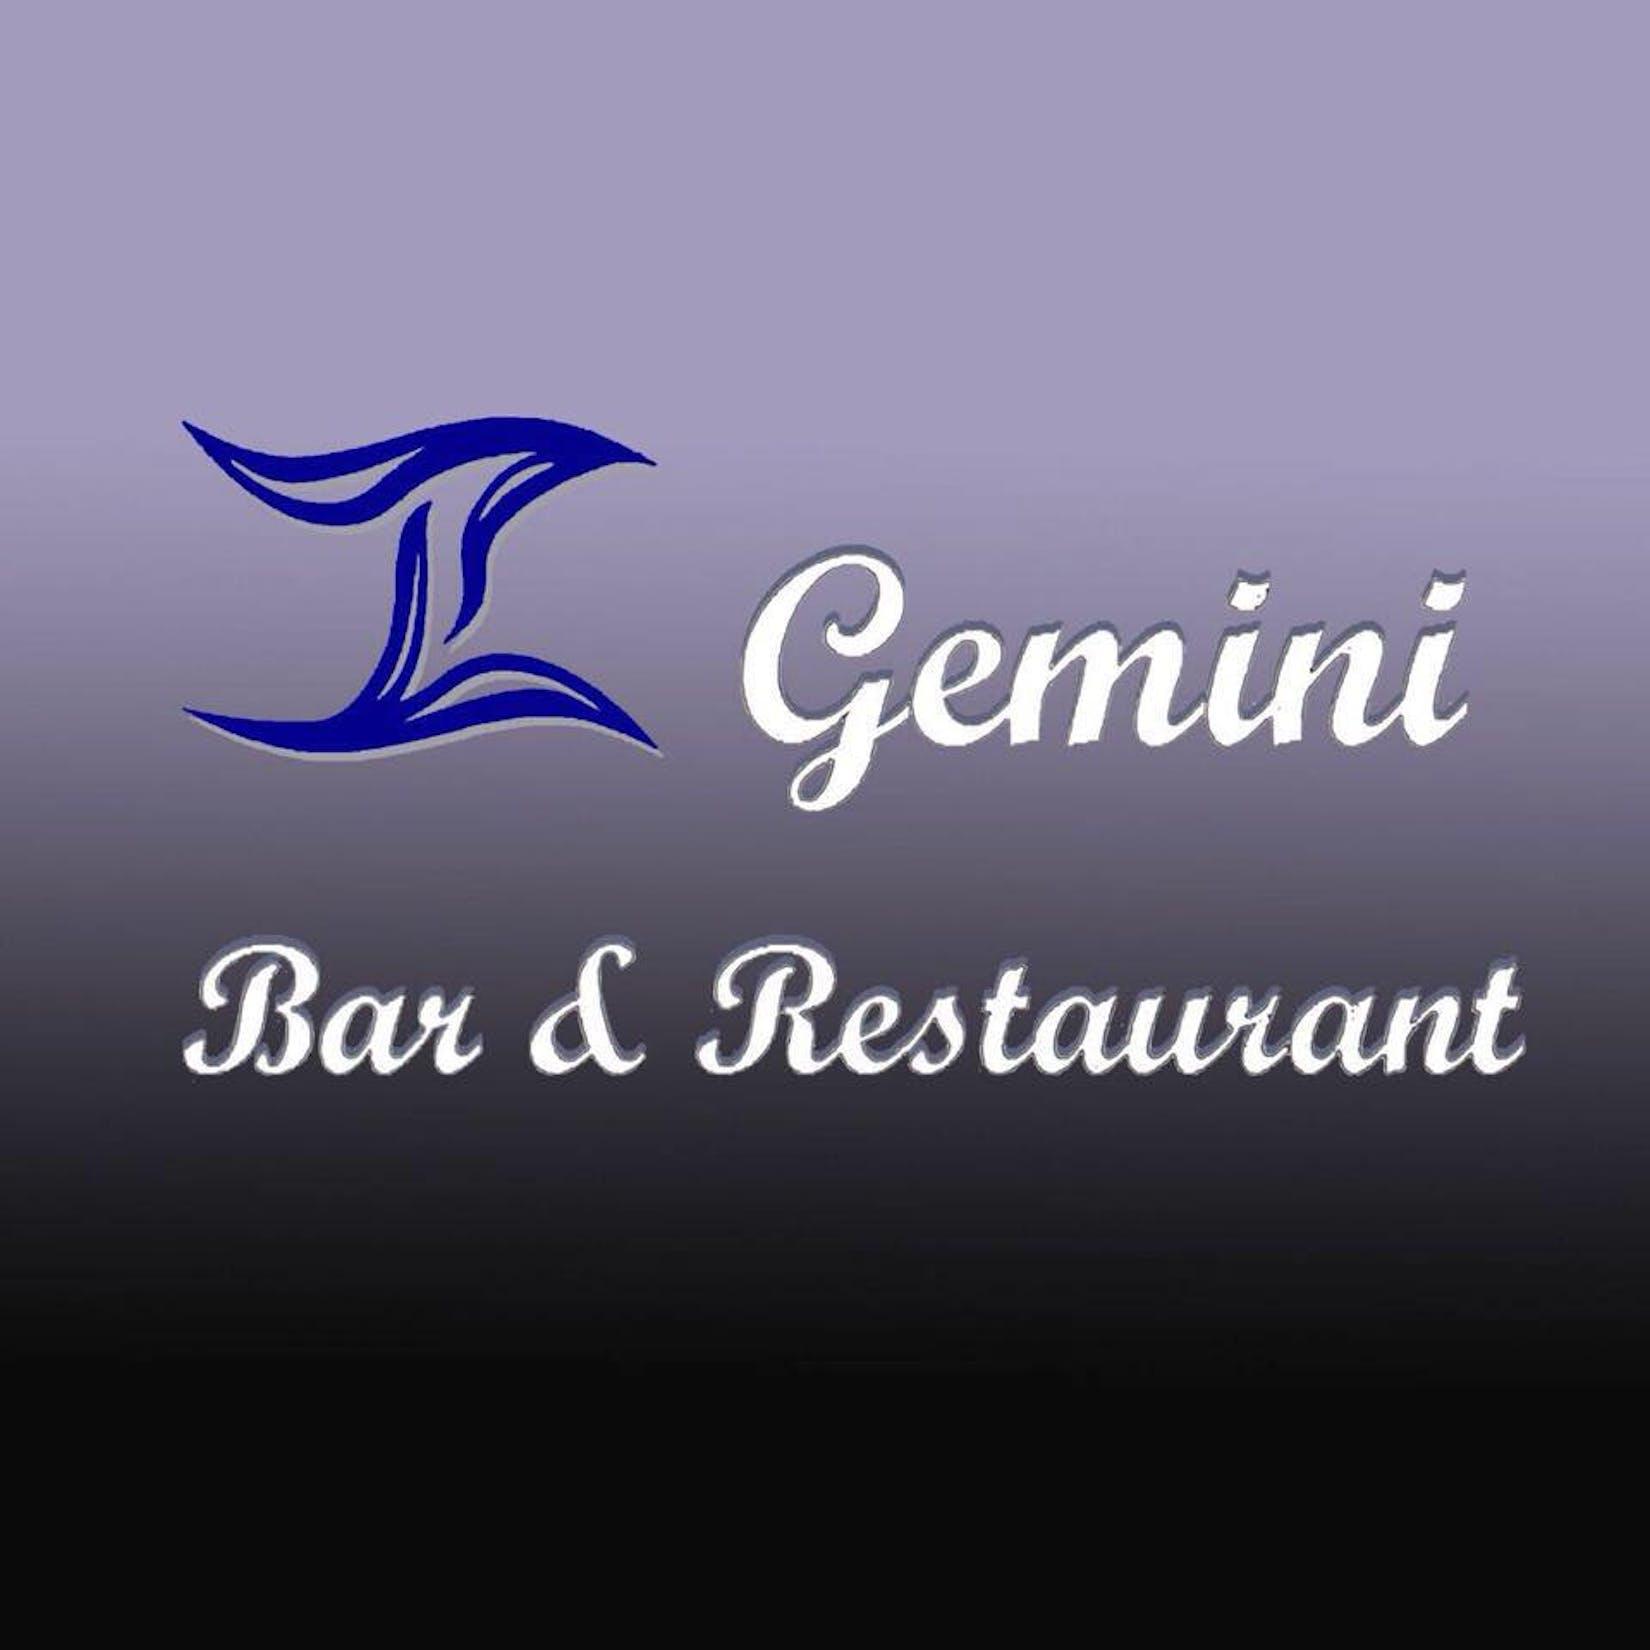 Gemini Bar & Restaurant | yathar